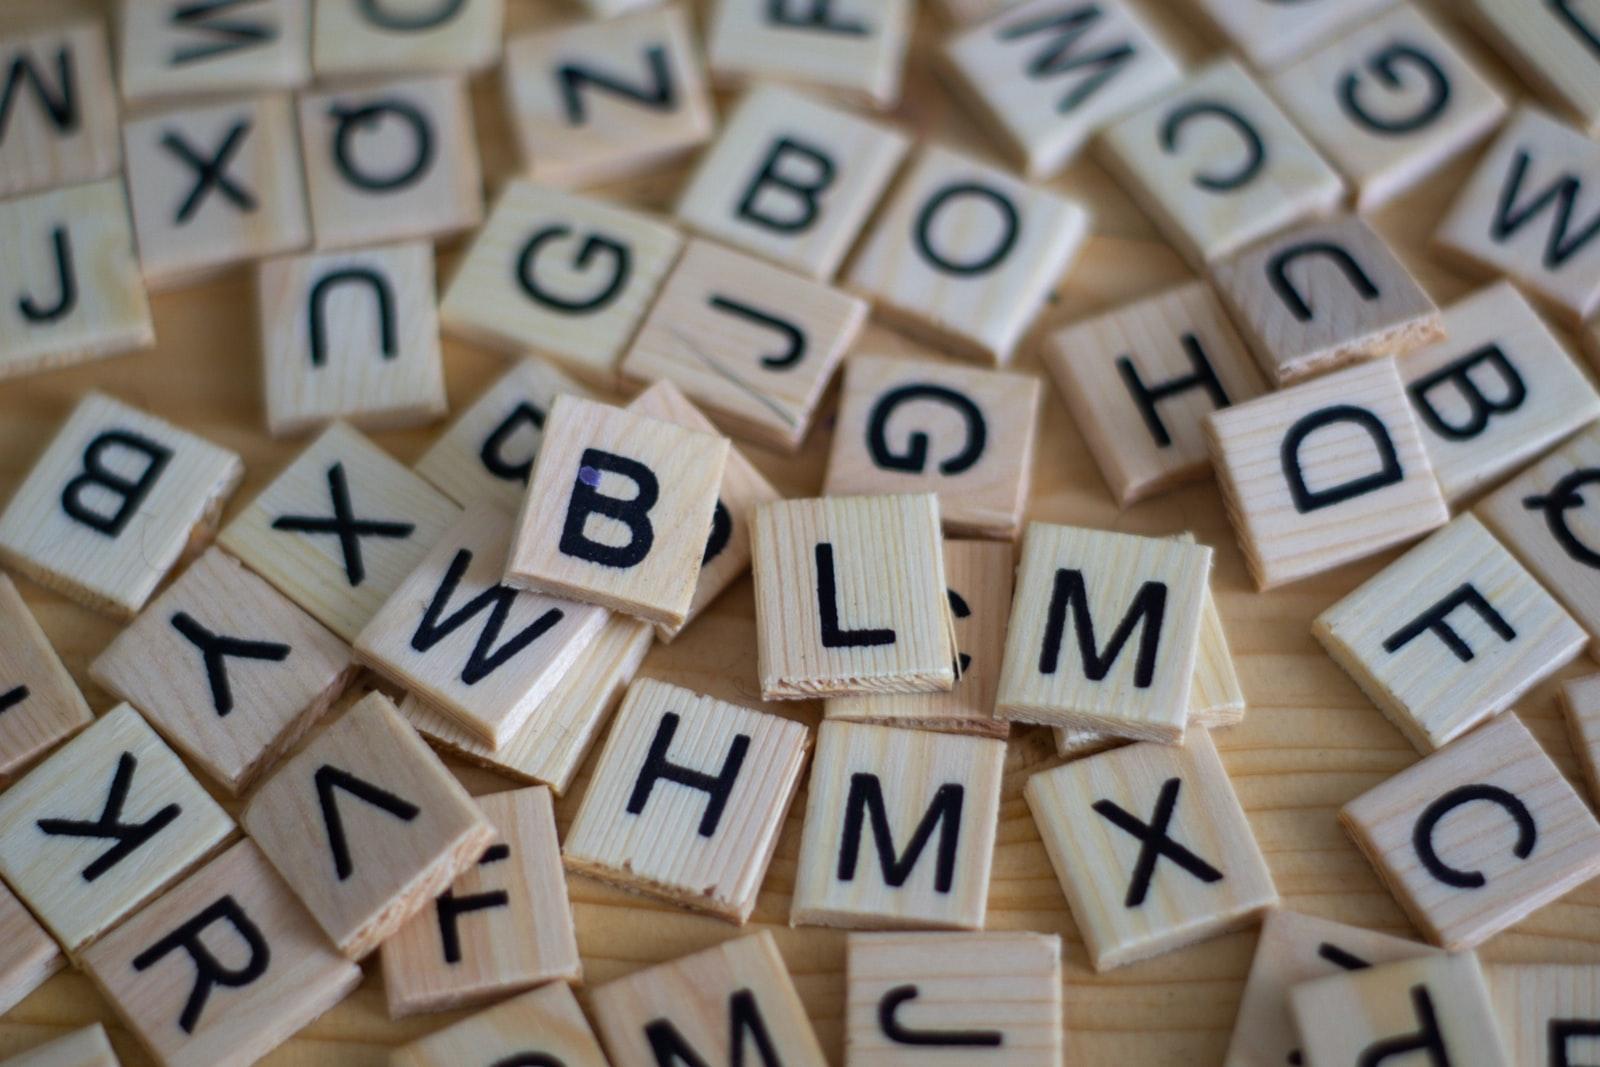 Рішення перейти на латиницю